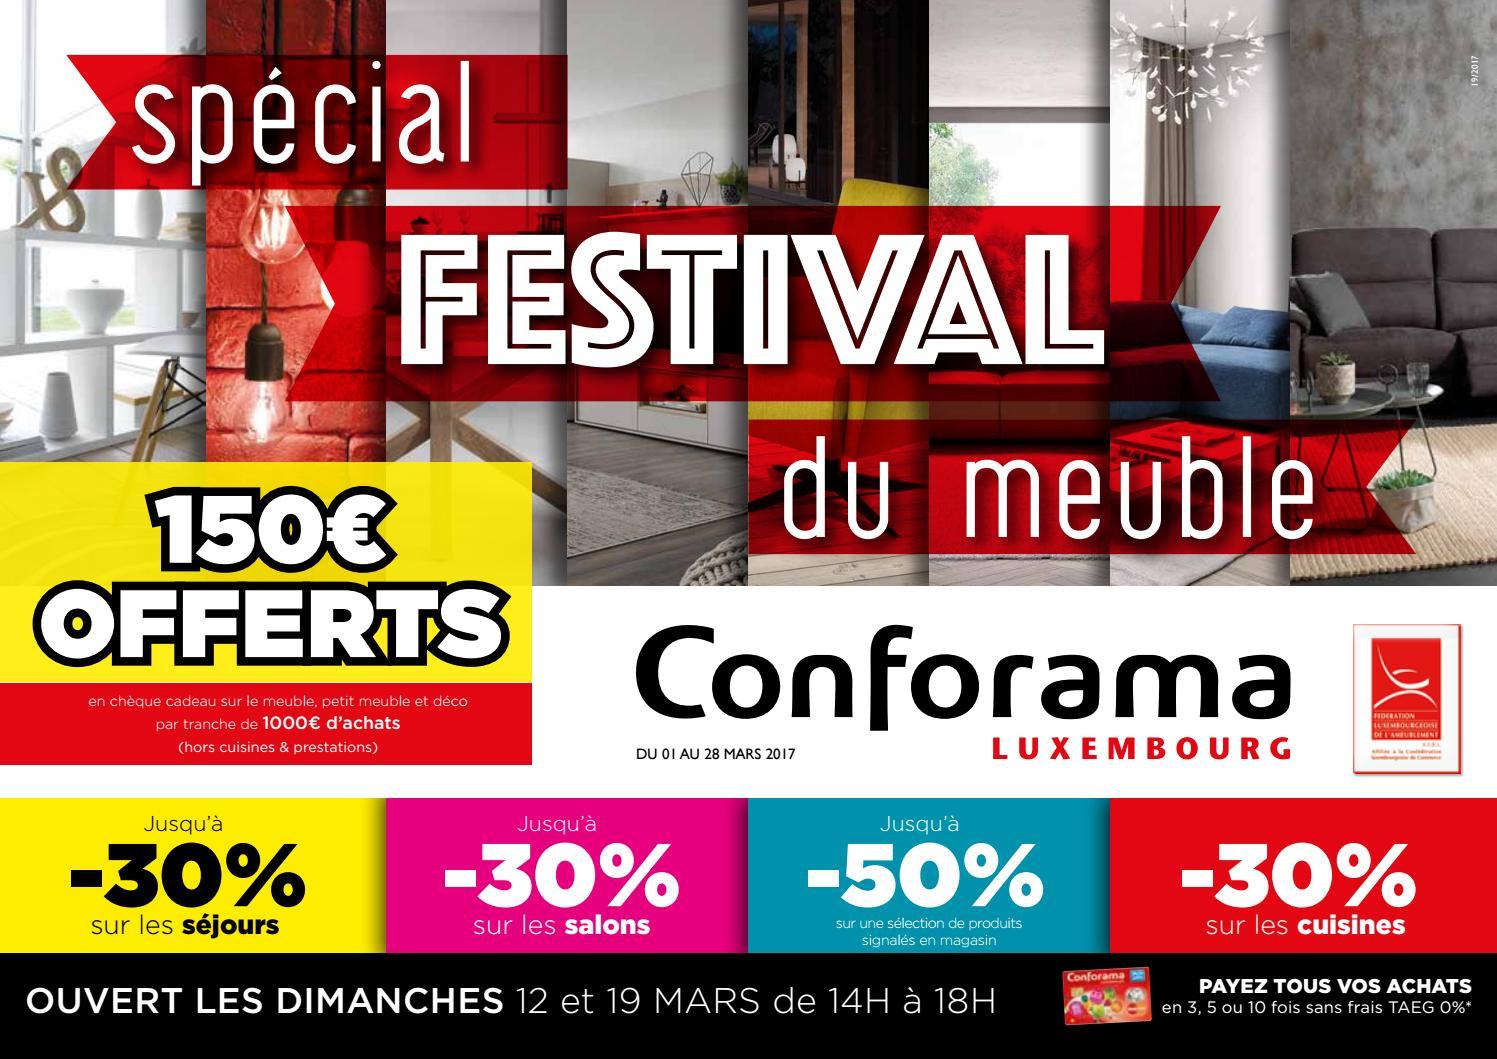 Doc 19 : Spécial Festival Du Meuble By Conforama Luxembourg tout Meuble Tv Avec Enceinte Integre Conforama